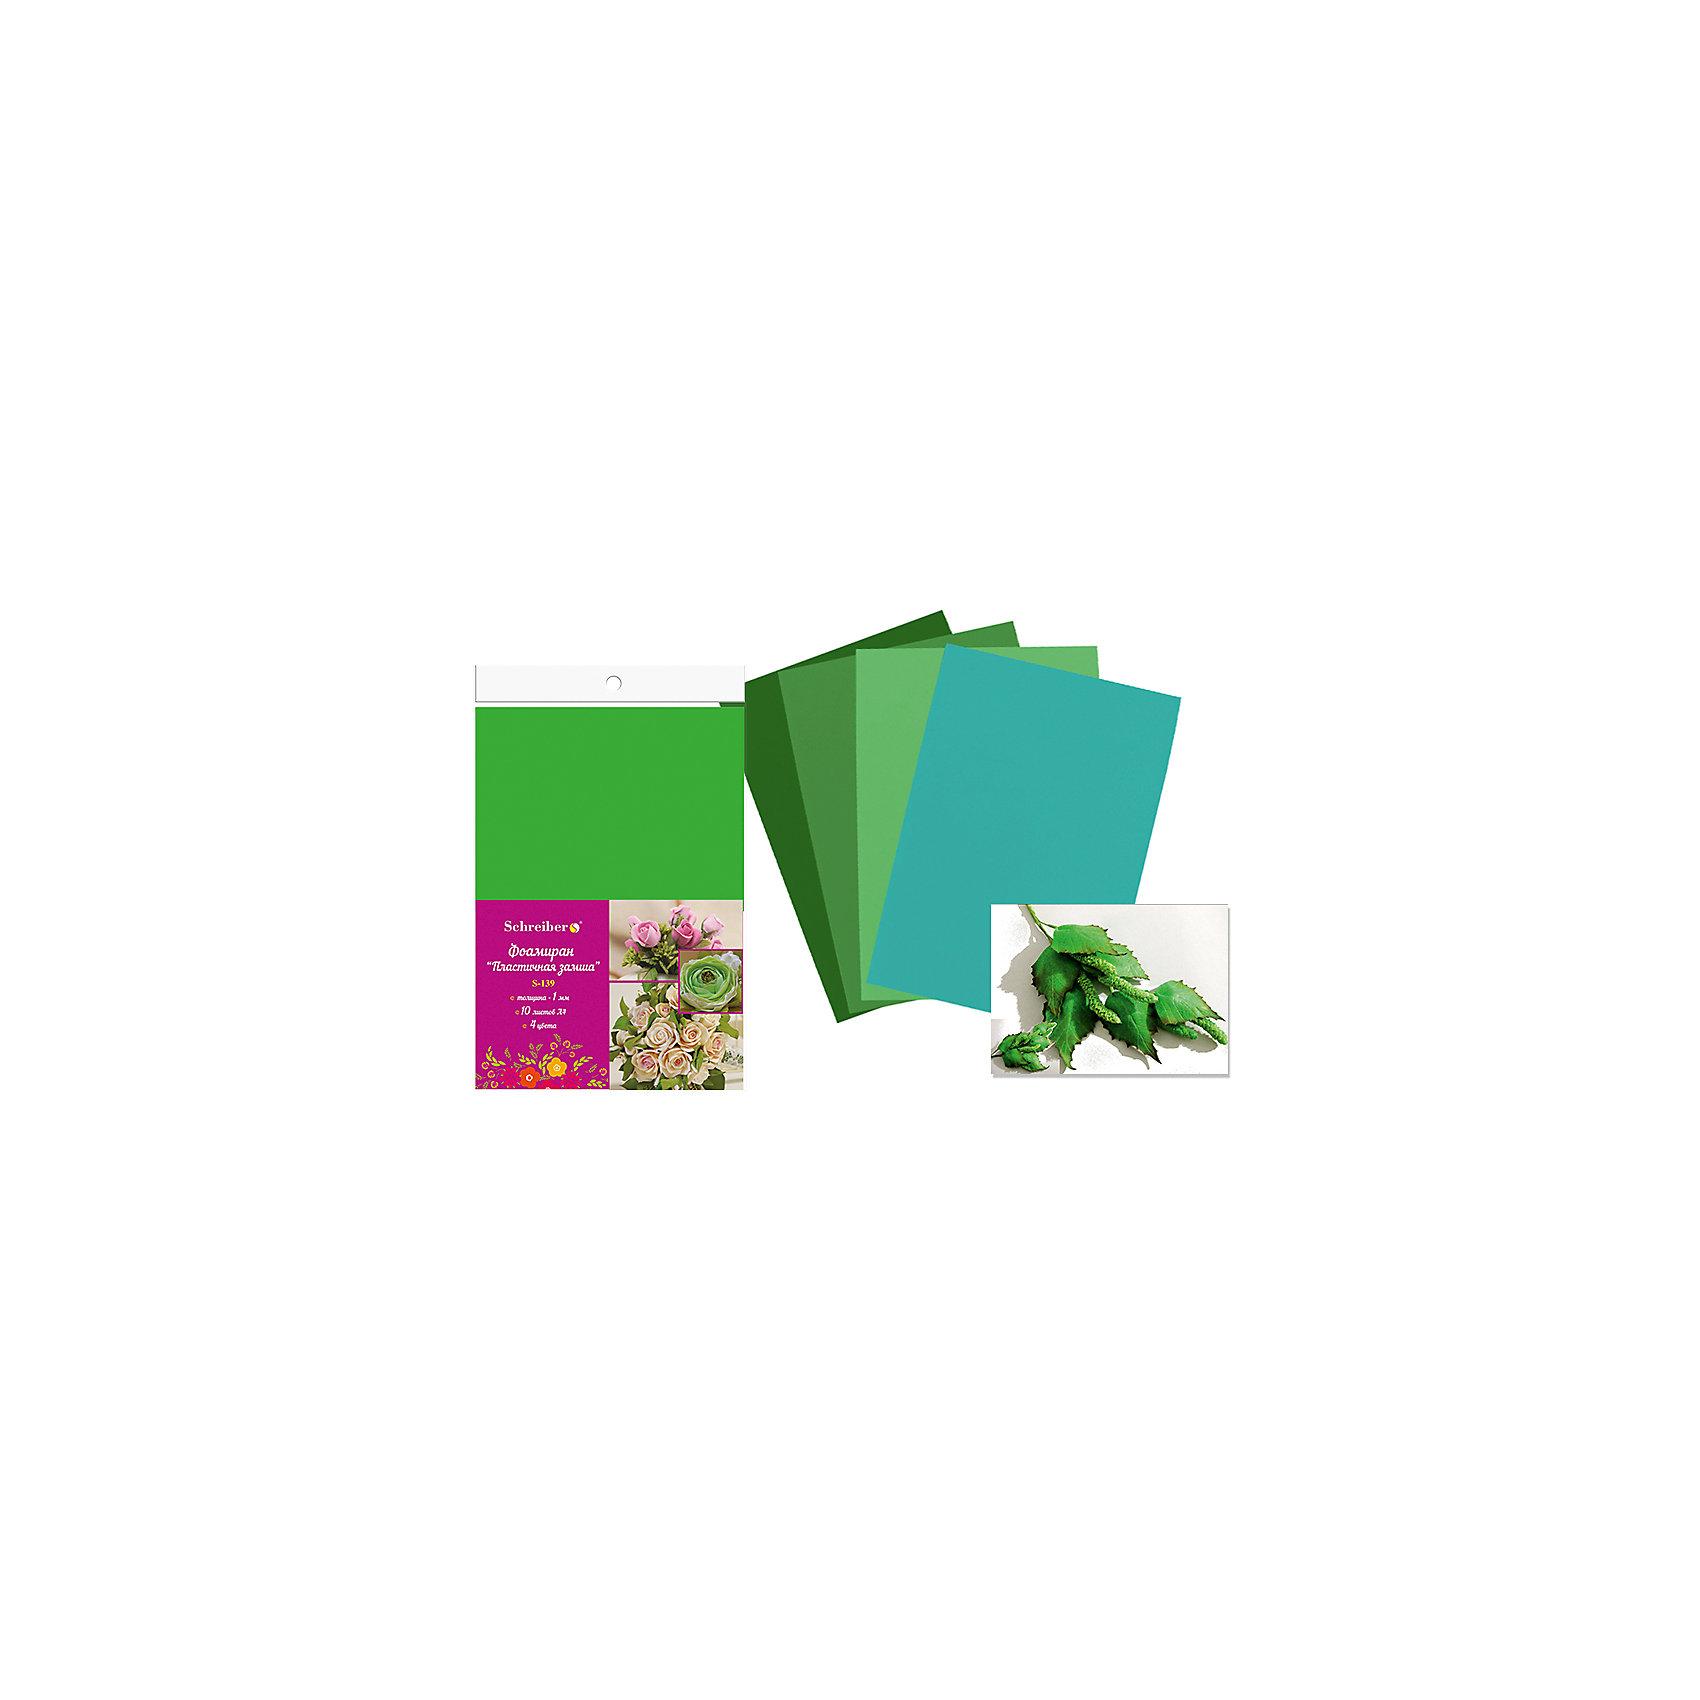 Набор фоамирана, 10листов, 1мм, А4, 5 цветов в ассортименте, зеленая палитраПоследняя цена<br>Набор фоамирана, 10листов, 1мм, А4, 5 цветов в ассортименте, зеленая палитра.<br><br>Характеристики:<br><br>• Возраст: от 6 лет<br>• Количество листов: 10 шт. формата А4<br>• Толщина листа: 1 мм.<br>• Количество цветов: 5 (зеленая палитра)<br><br>Фоамиран (пластичная замша) - популярный материал для творчества. Из него можно создавать декоративные цветы, украшения для волос, броши, небольшие забавные игрушки, декоративные элементы для фоторамок или блокнотов и многое другое. Работать с фоамираном просто и удобно, он режется ножницами, тянется, становится пластичным и меняет свою форму даже от тепла человеческих рук. Фоамиран очень легко моделируется и принимает нужную форму. Он тонируется акриловыми и масляными красками, сухой пастелью и даже тенями для глаз. Для создания цветов или аппликаций потребуется термоклей или секундный клей. Материал нетоксичен.<br><br>Набор фоамирана, 10листов, 1мм, А4, 5 цветов в ассортименте, зеленая палитра можно купить в нашем интернет-магазине.<br><br>Ширина мм: 330<br>Глубина мм: 8<br>Высота мм: 210<br>Вес г: 68<br>Возраст от месяцев: 72<br>Возраст до месяцев: 2147483647<br>Пол: Унисекс<br>Возраст: Детский<br>SKU: 5504491